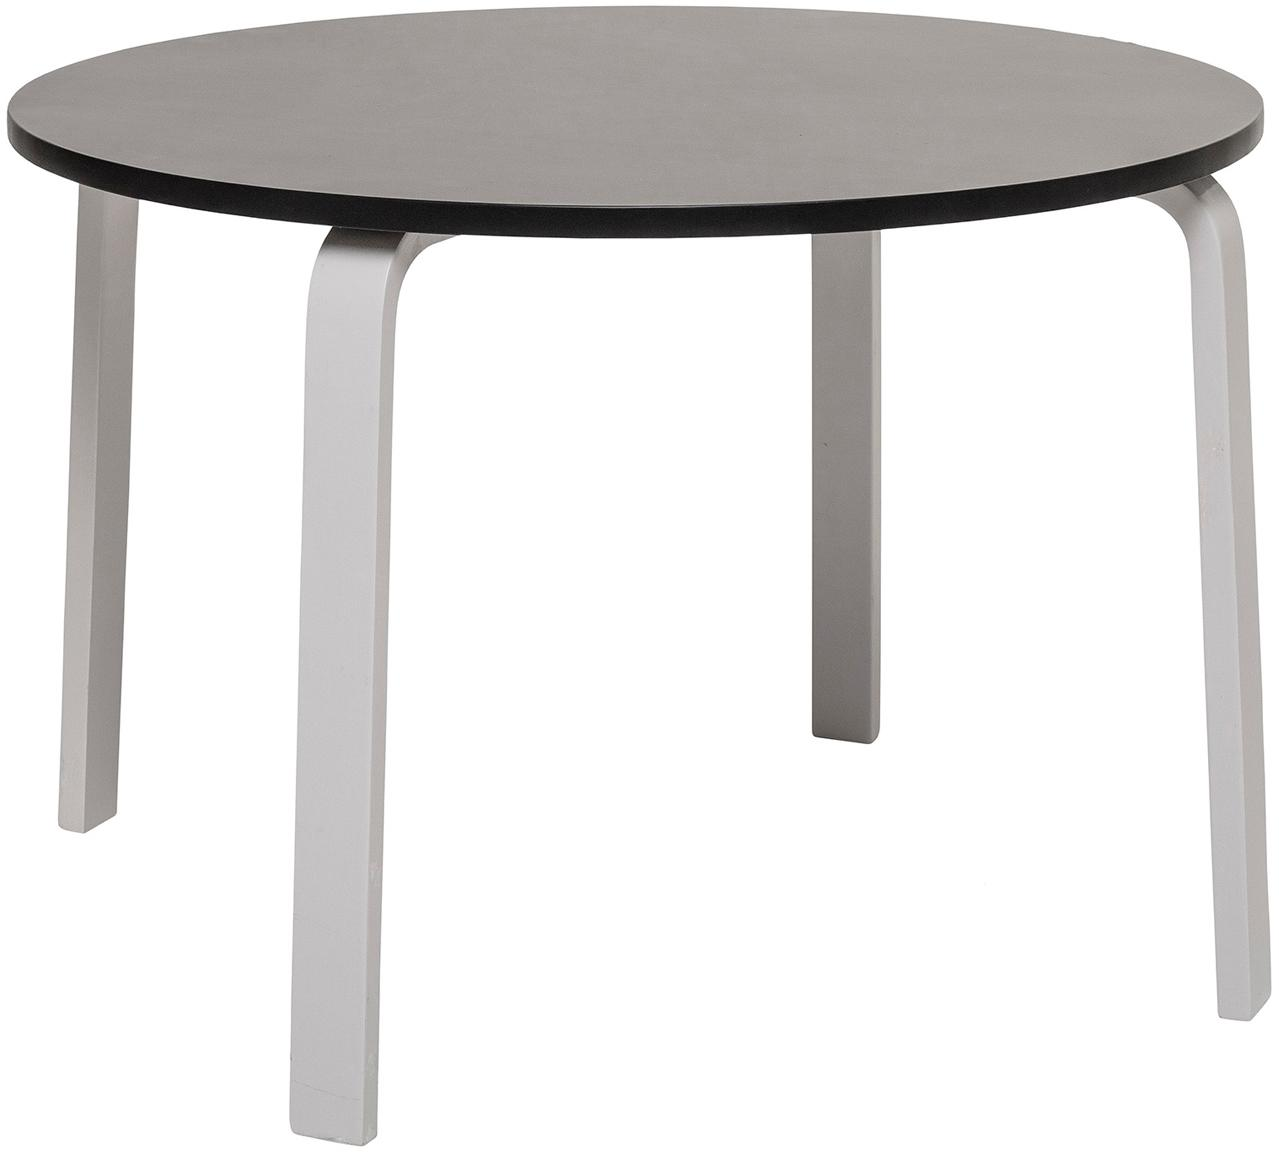 Tisch Simply, Mitteldichte Holzfaserplatte (MDF), lackiert, Schwarz, Weiss, Ø 65 x H 45 cm